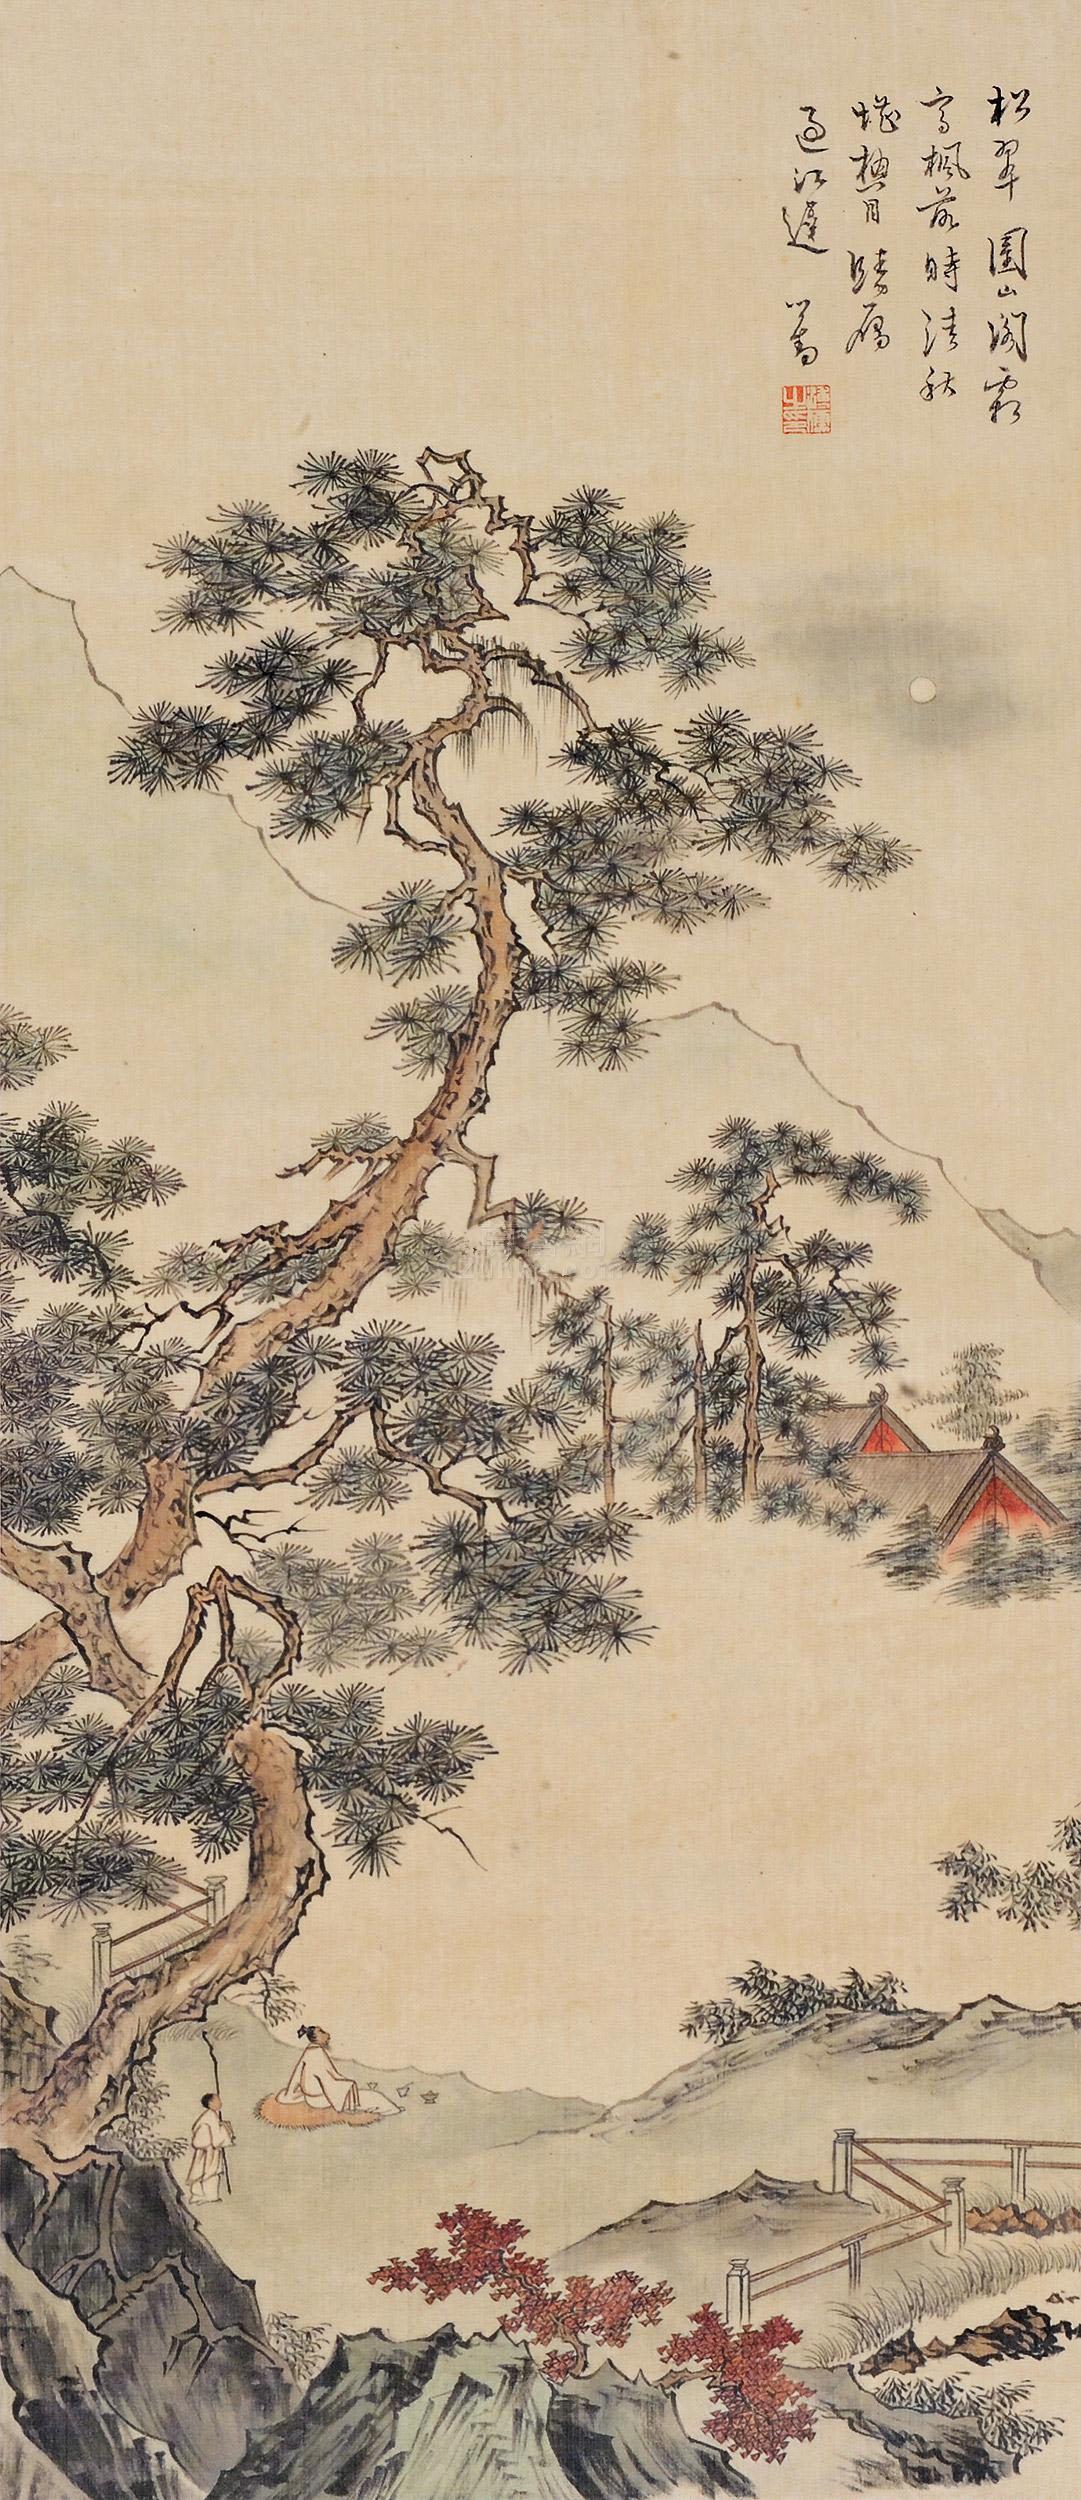 溥儒 松下高士图 立轴 设色绢本作品欣赏